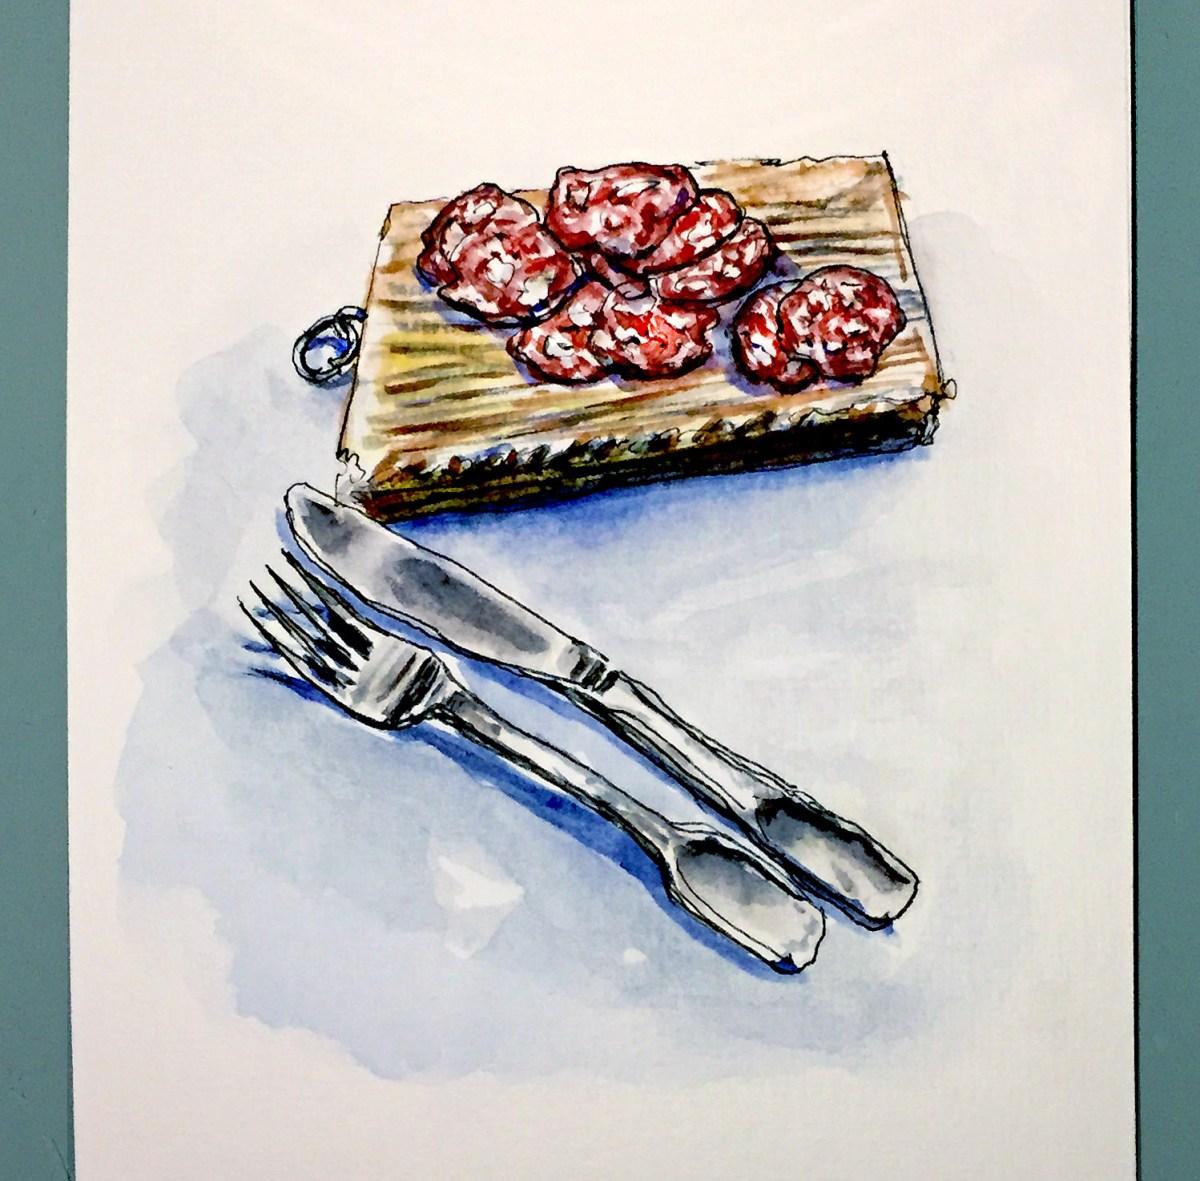 Day 24 #WorldWatercolorGroup Le Bon Saucisson Sec Cutlery Paris